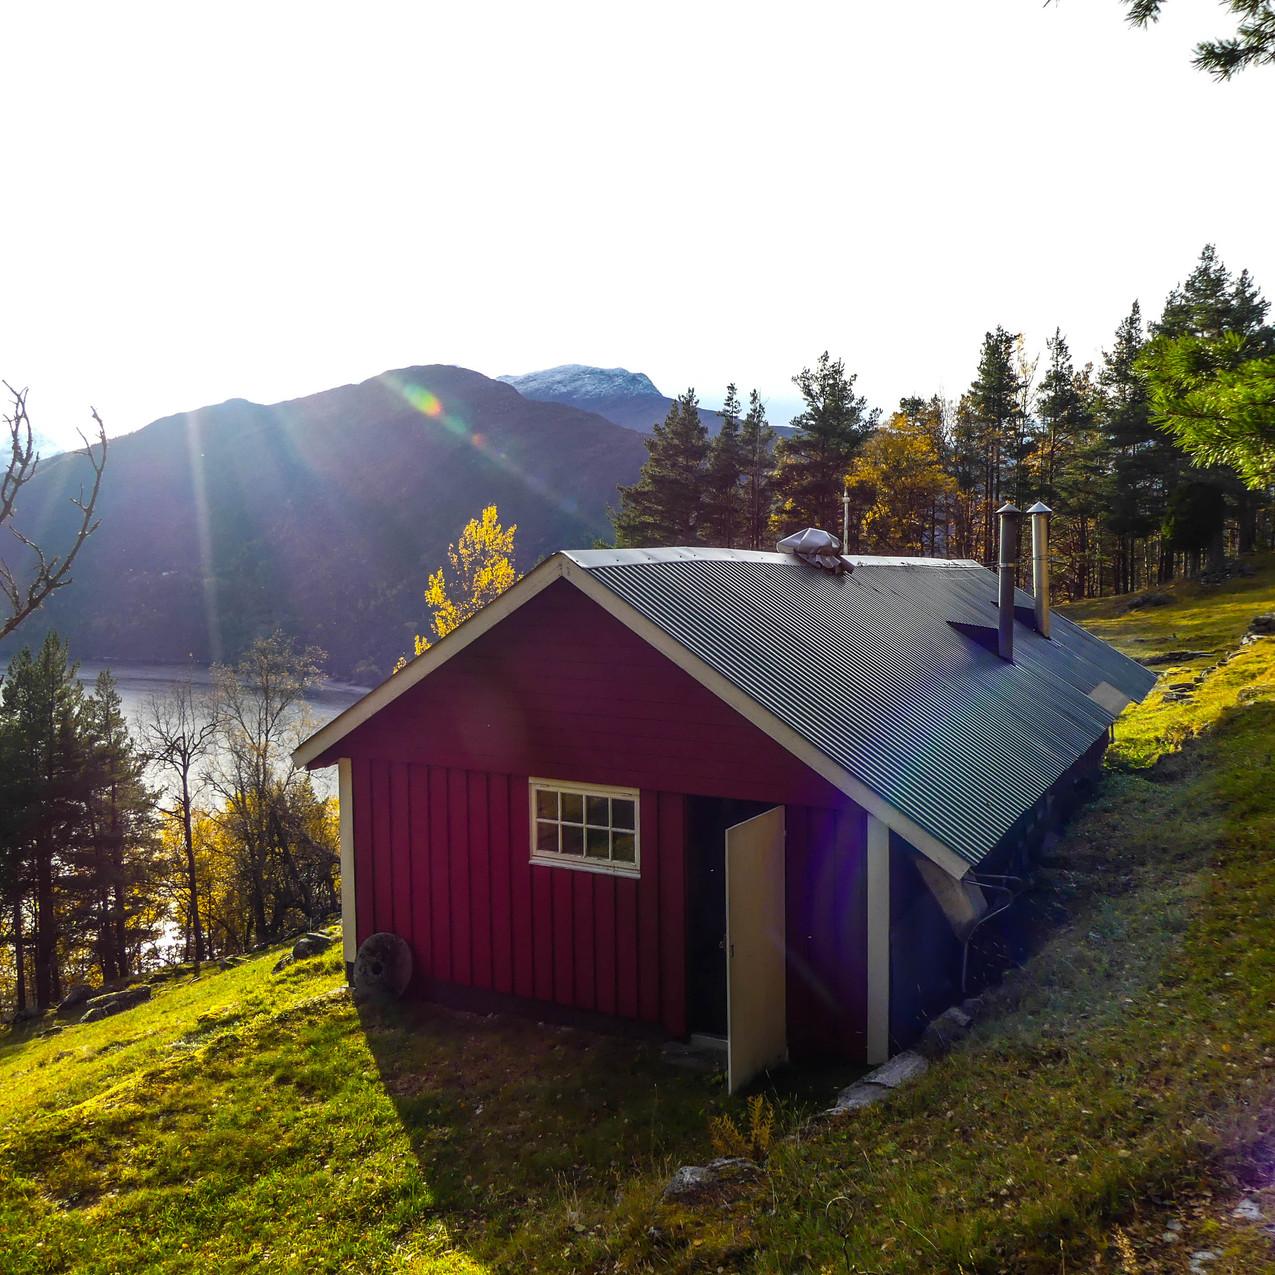 Djupedalen med Storfjordens Venner 19 okt 2017 P1490717-165